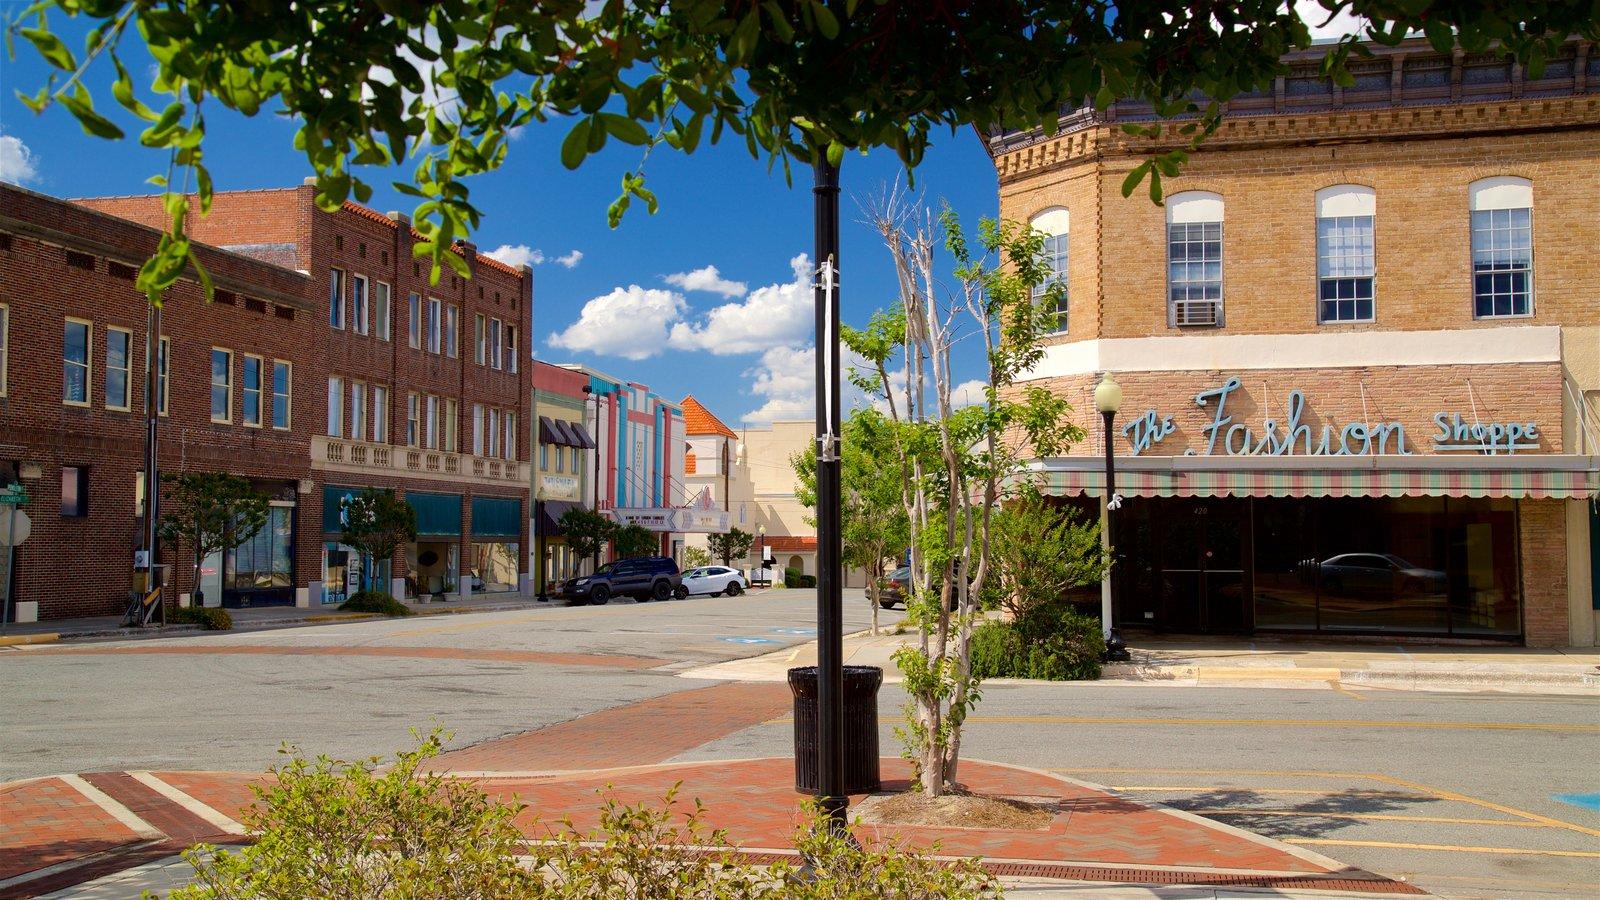 Waycross mostrando una pequeña ciudad o pueblo